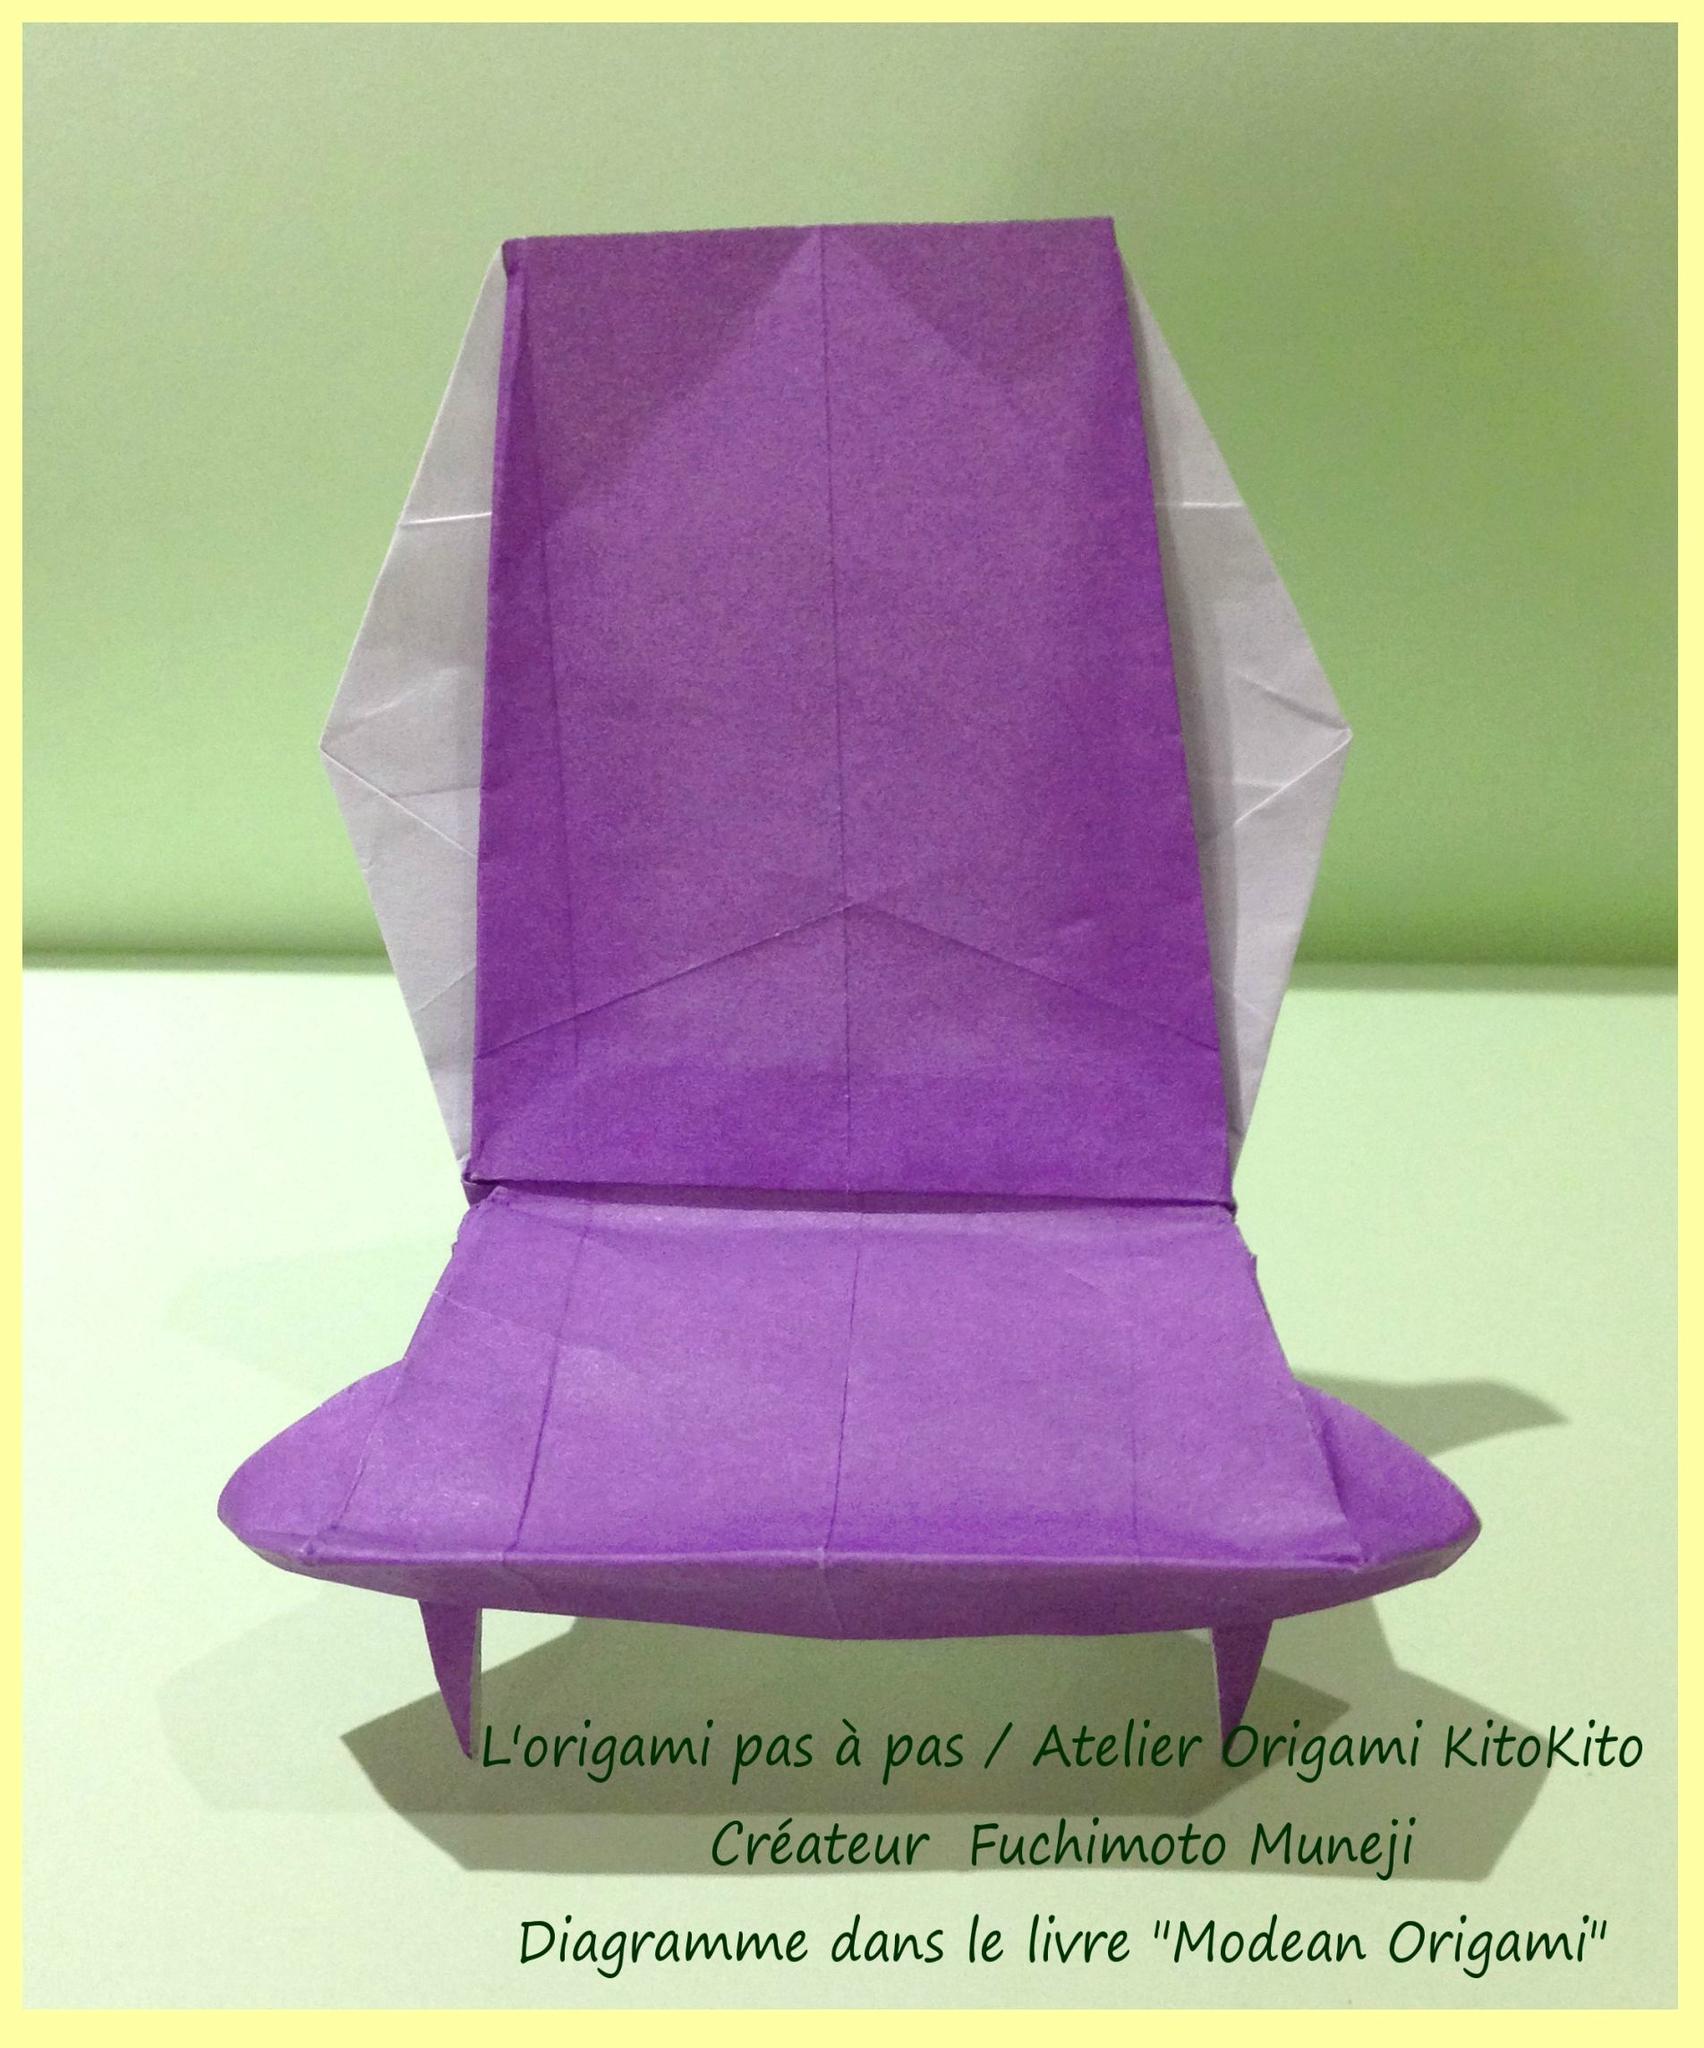 Chaise 6 l 39 origami pas pas atelier origami kitokito for Chaise origami